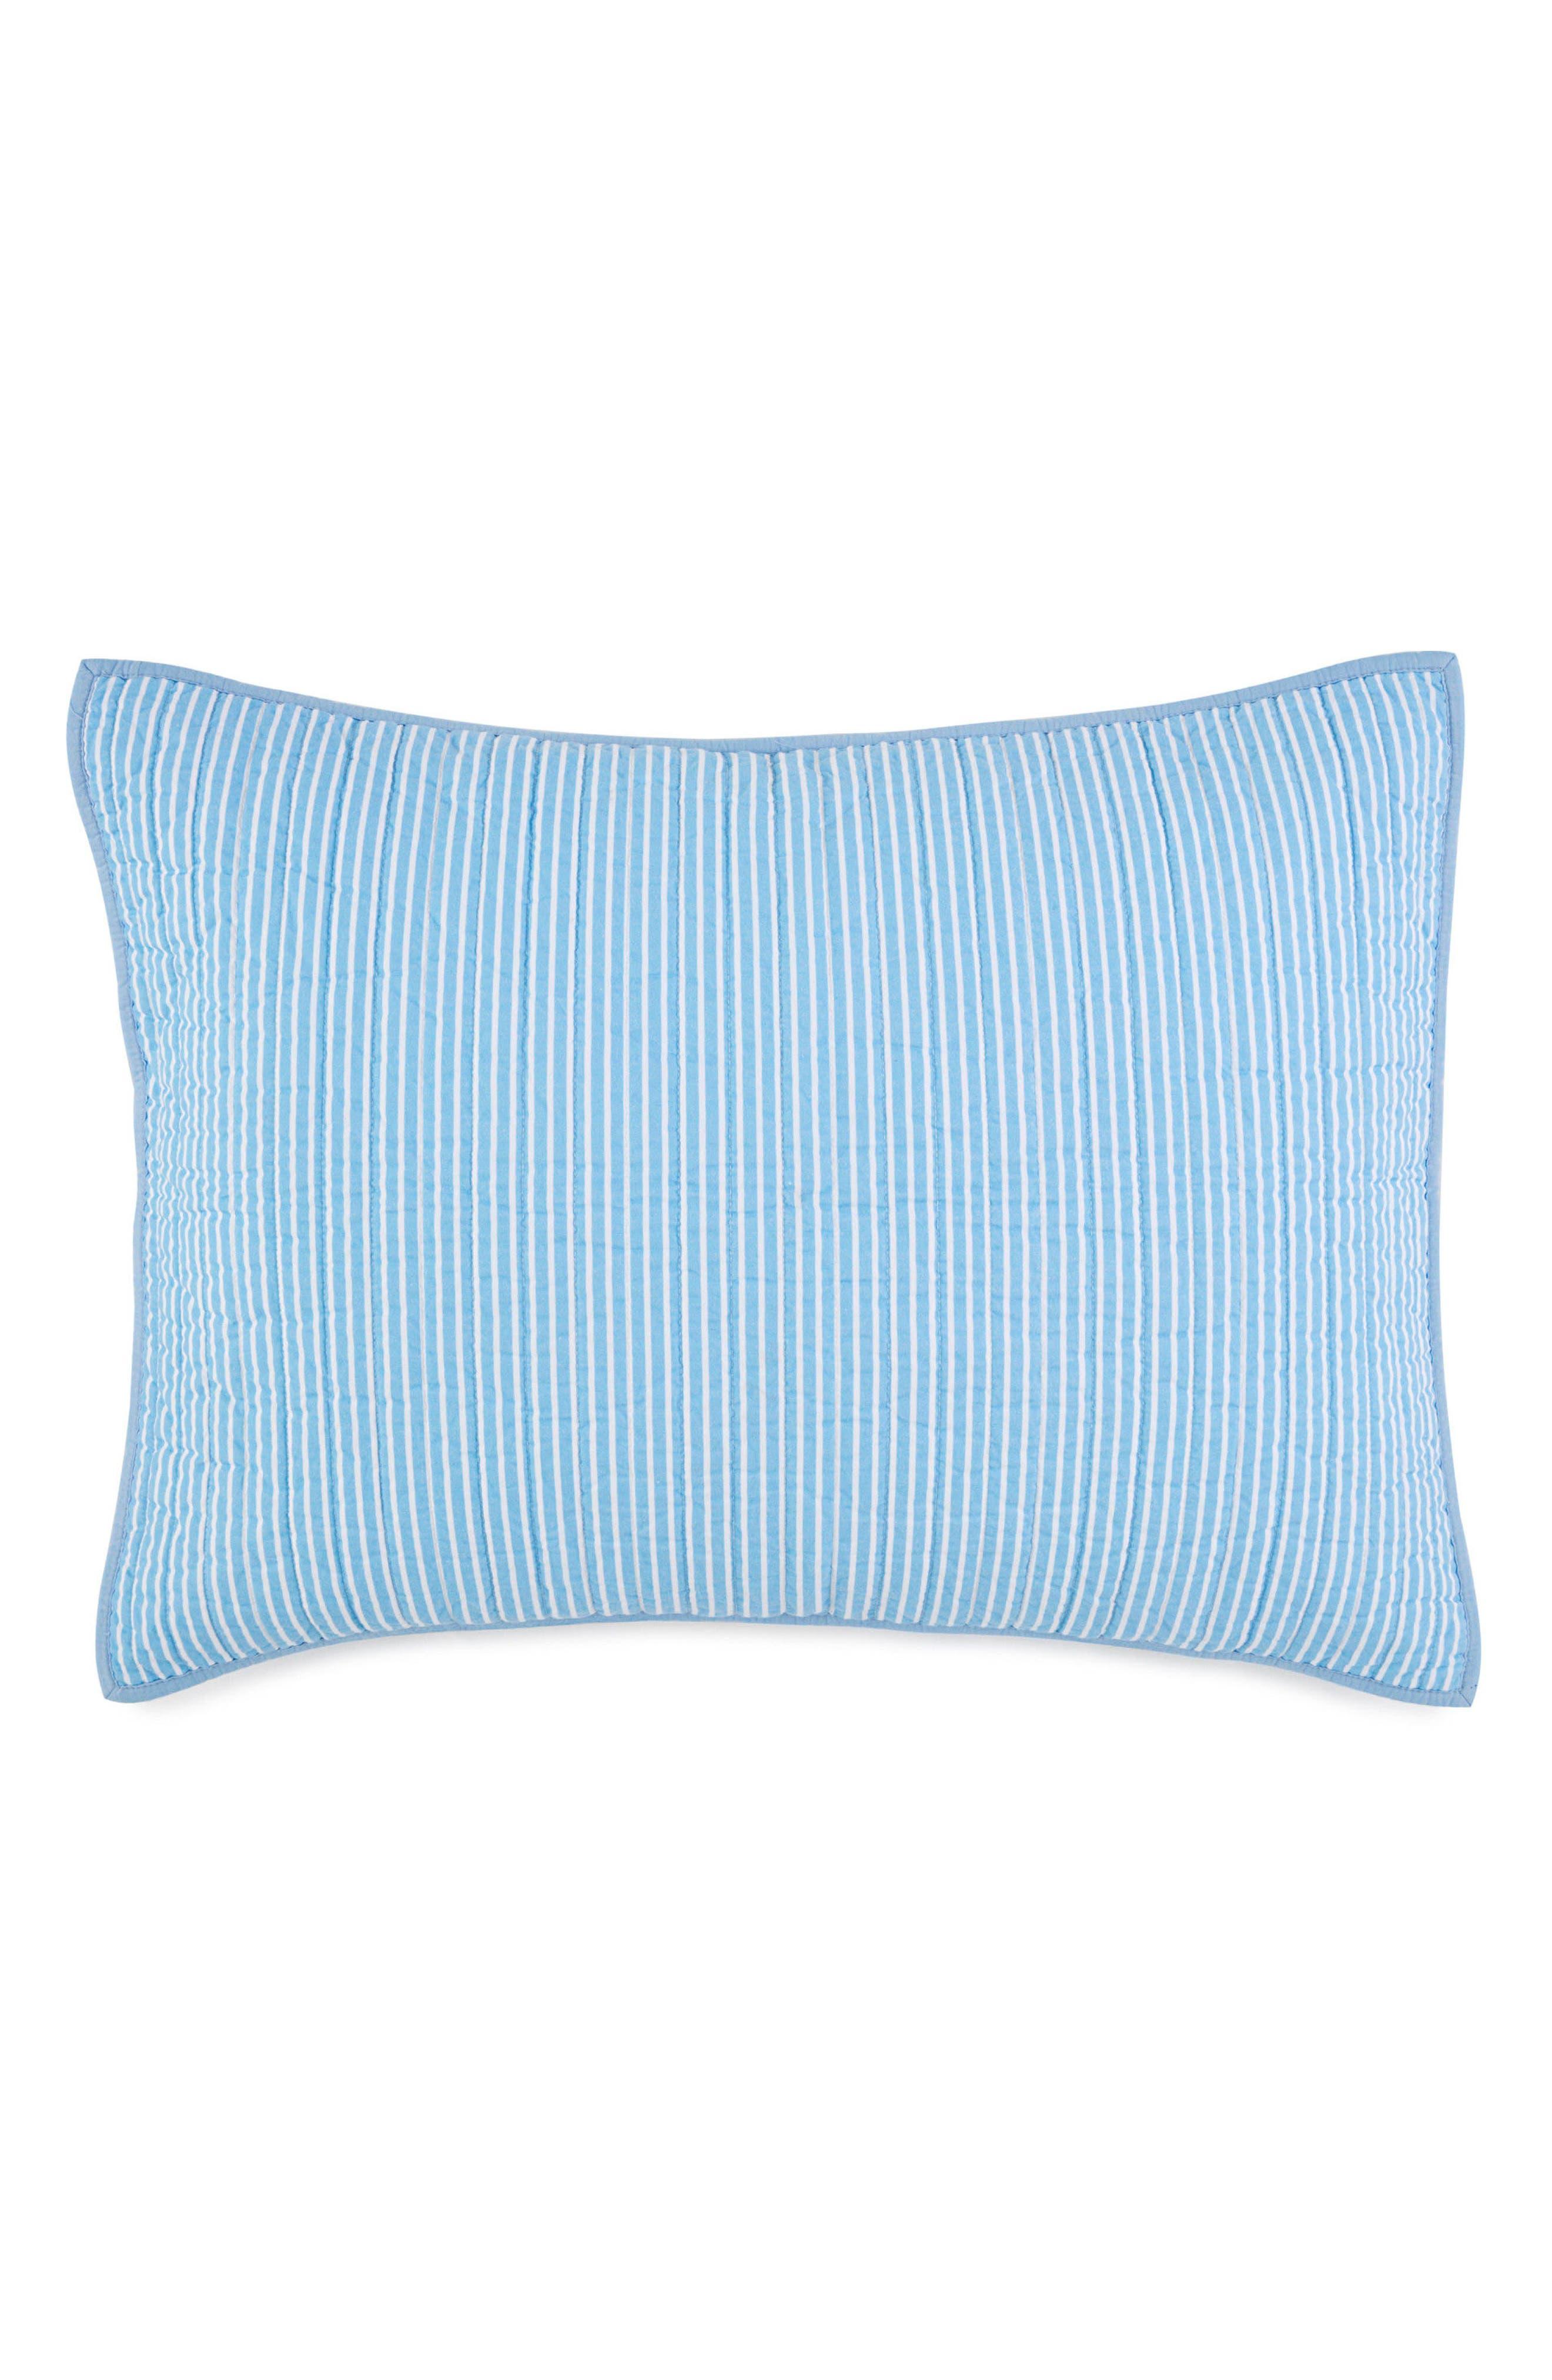 Sail Stripe Sham,                             Main thumbnail 1, color,                             Blue Multi